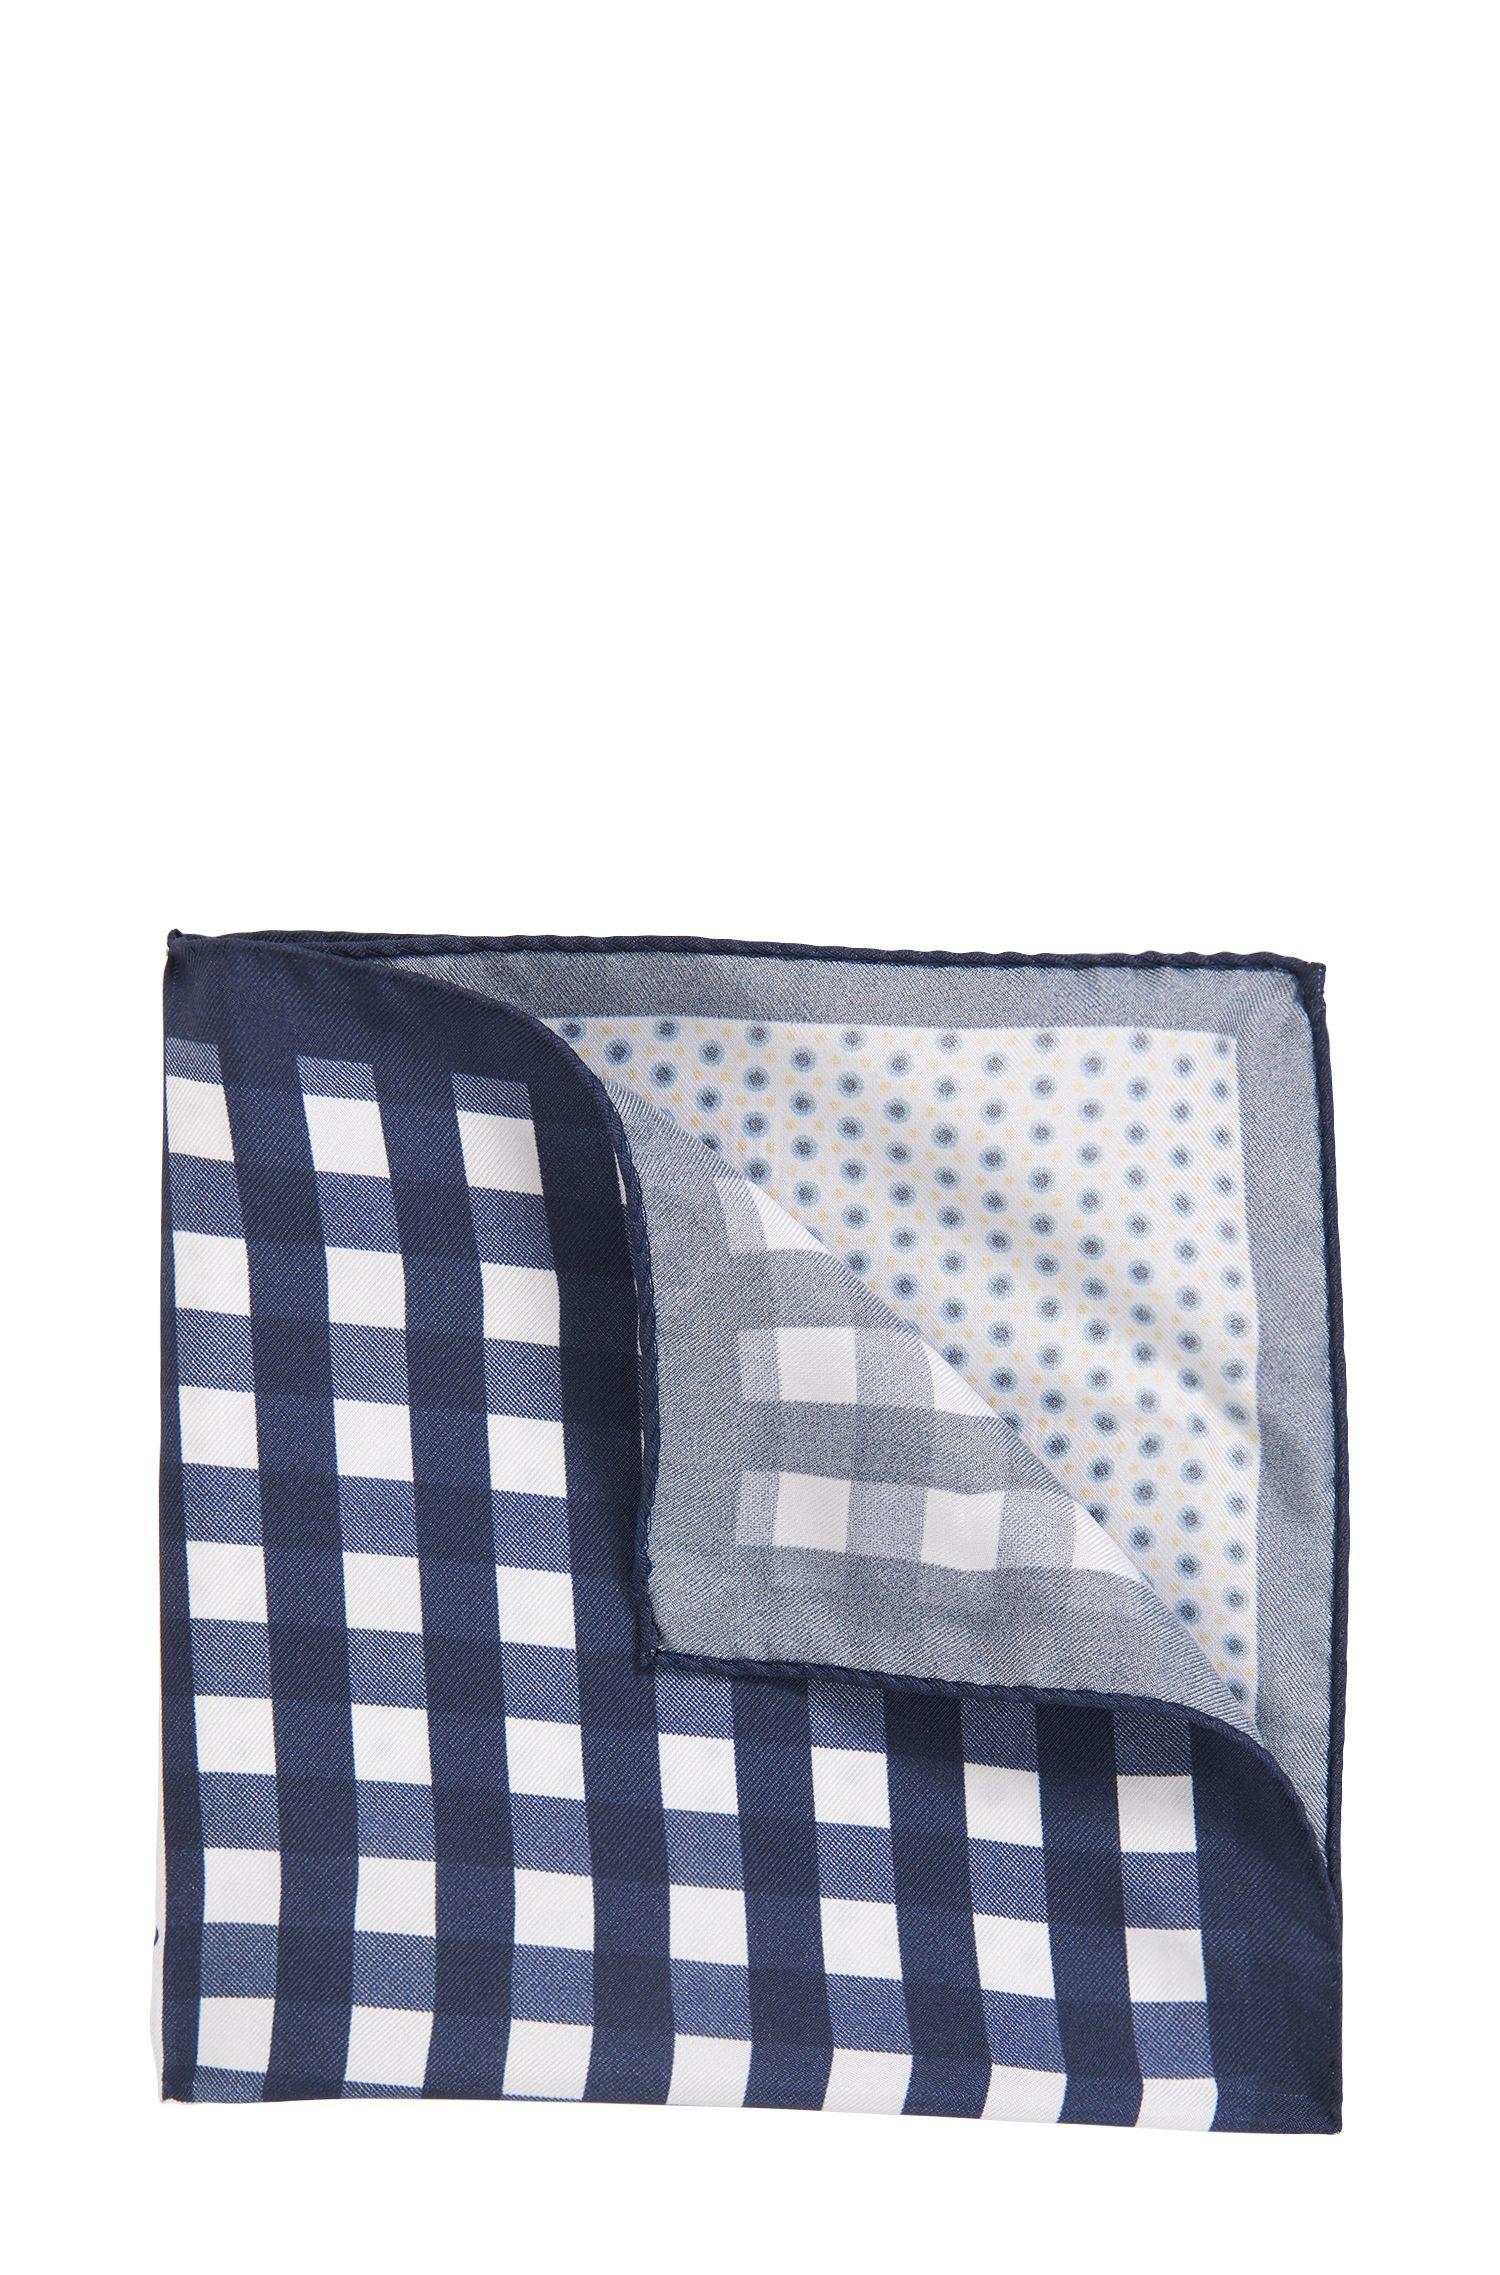 Pochette da taschino in pura seta con disegni